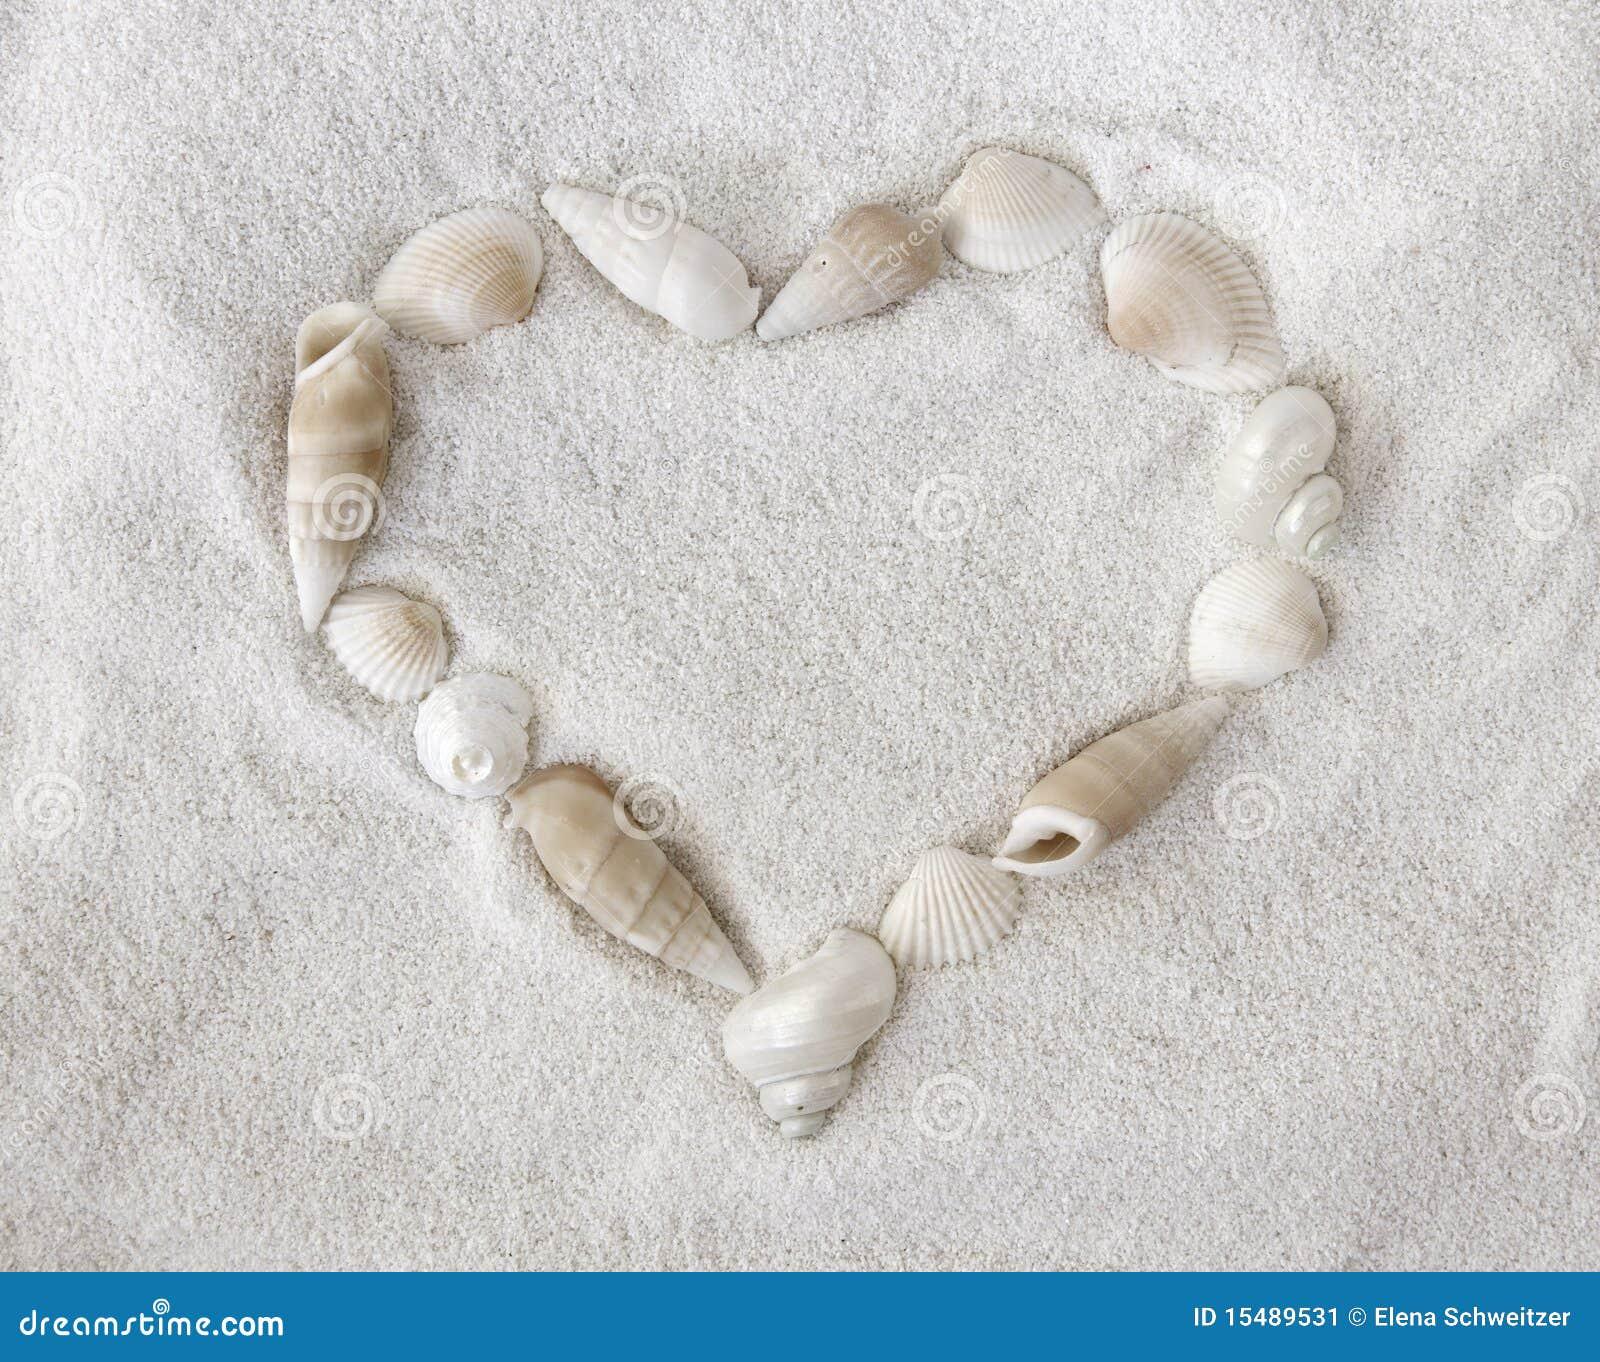 white-seashells-white-sand-15489531.jpg